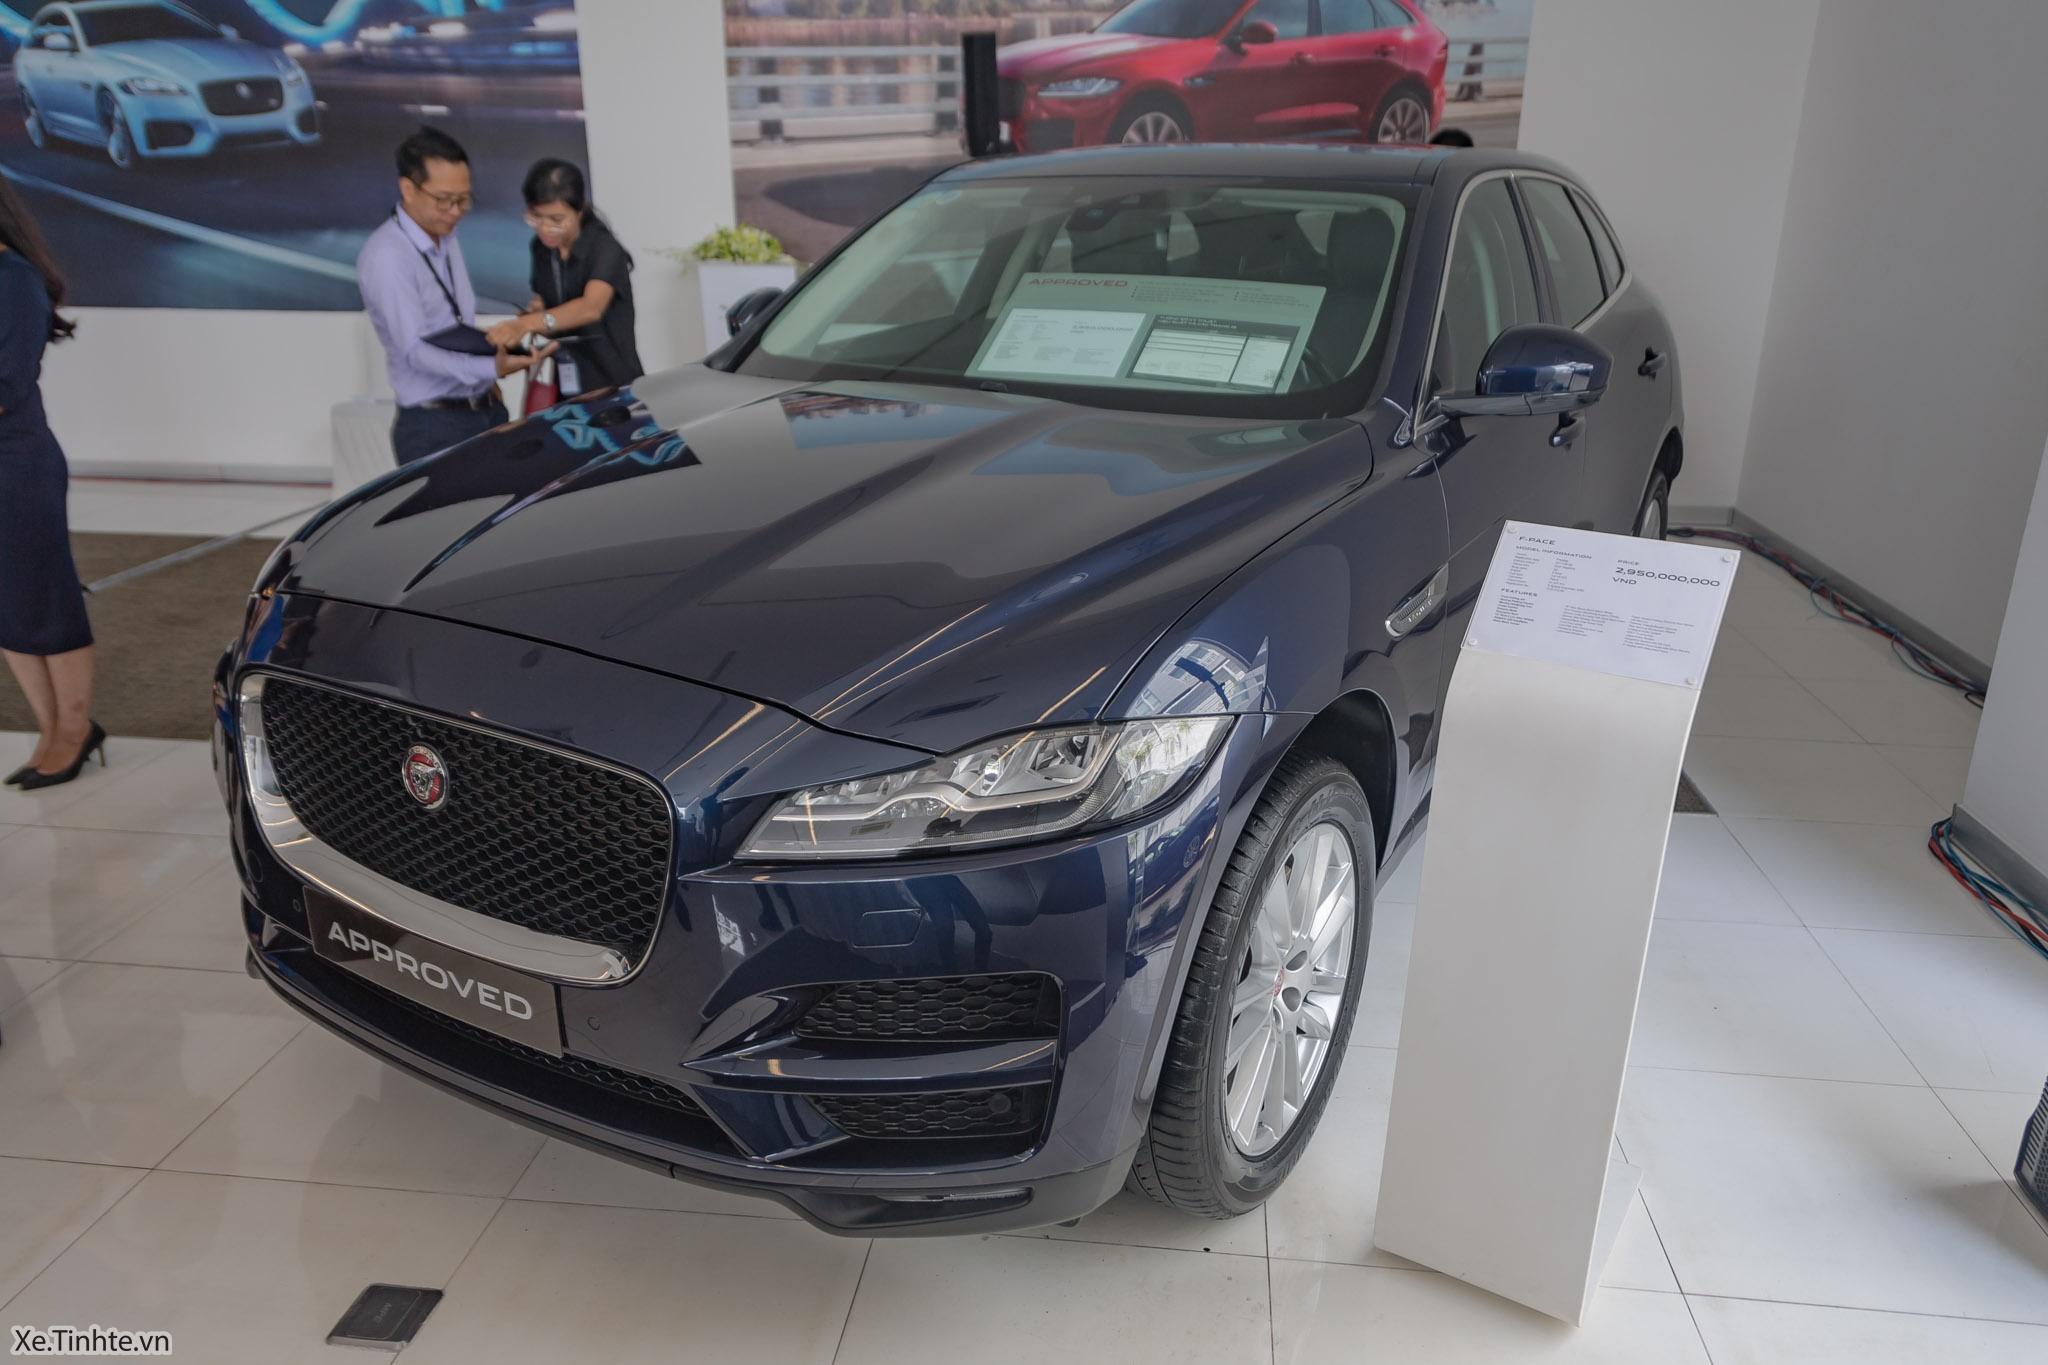 Jaguar_Land_rover_2018_Xe_Tinhte-009.jpg